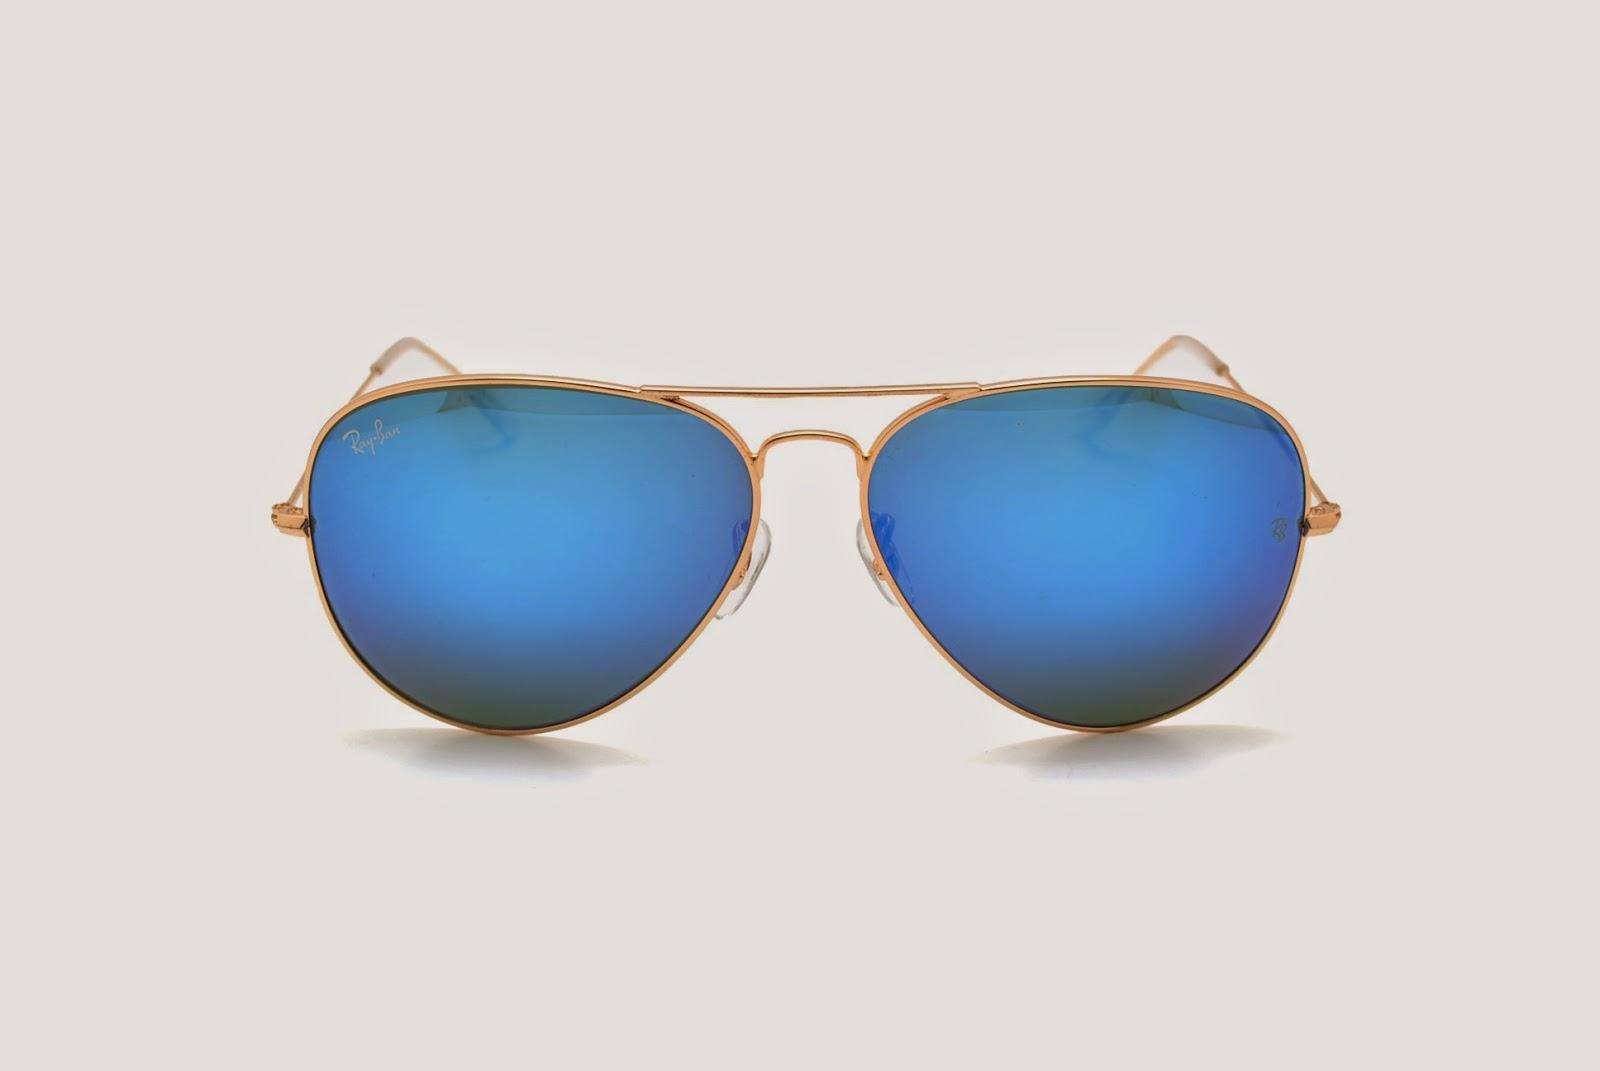 Ray Ban 3025 Blue